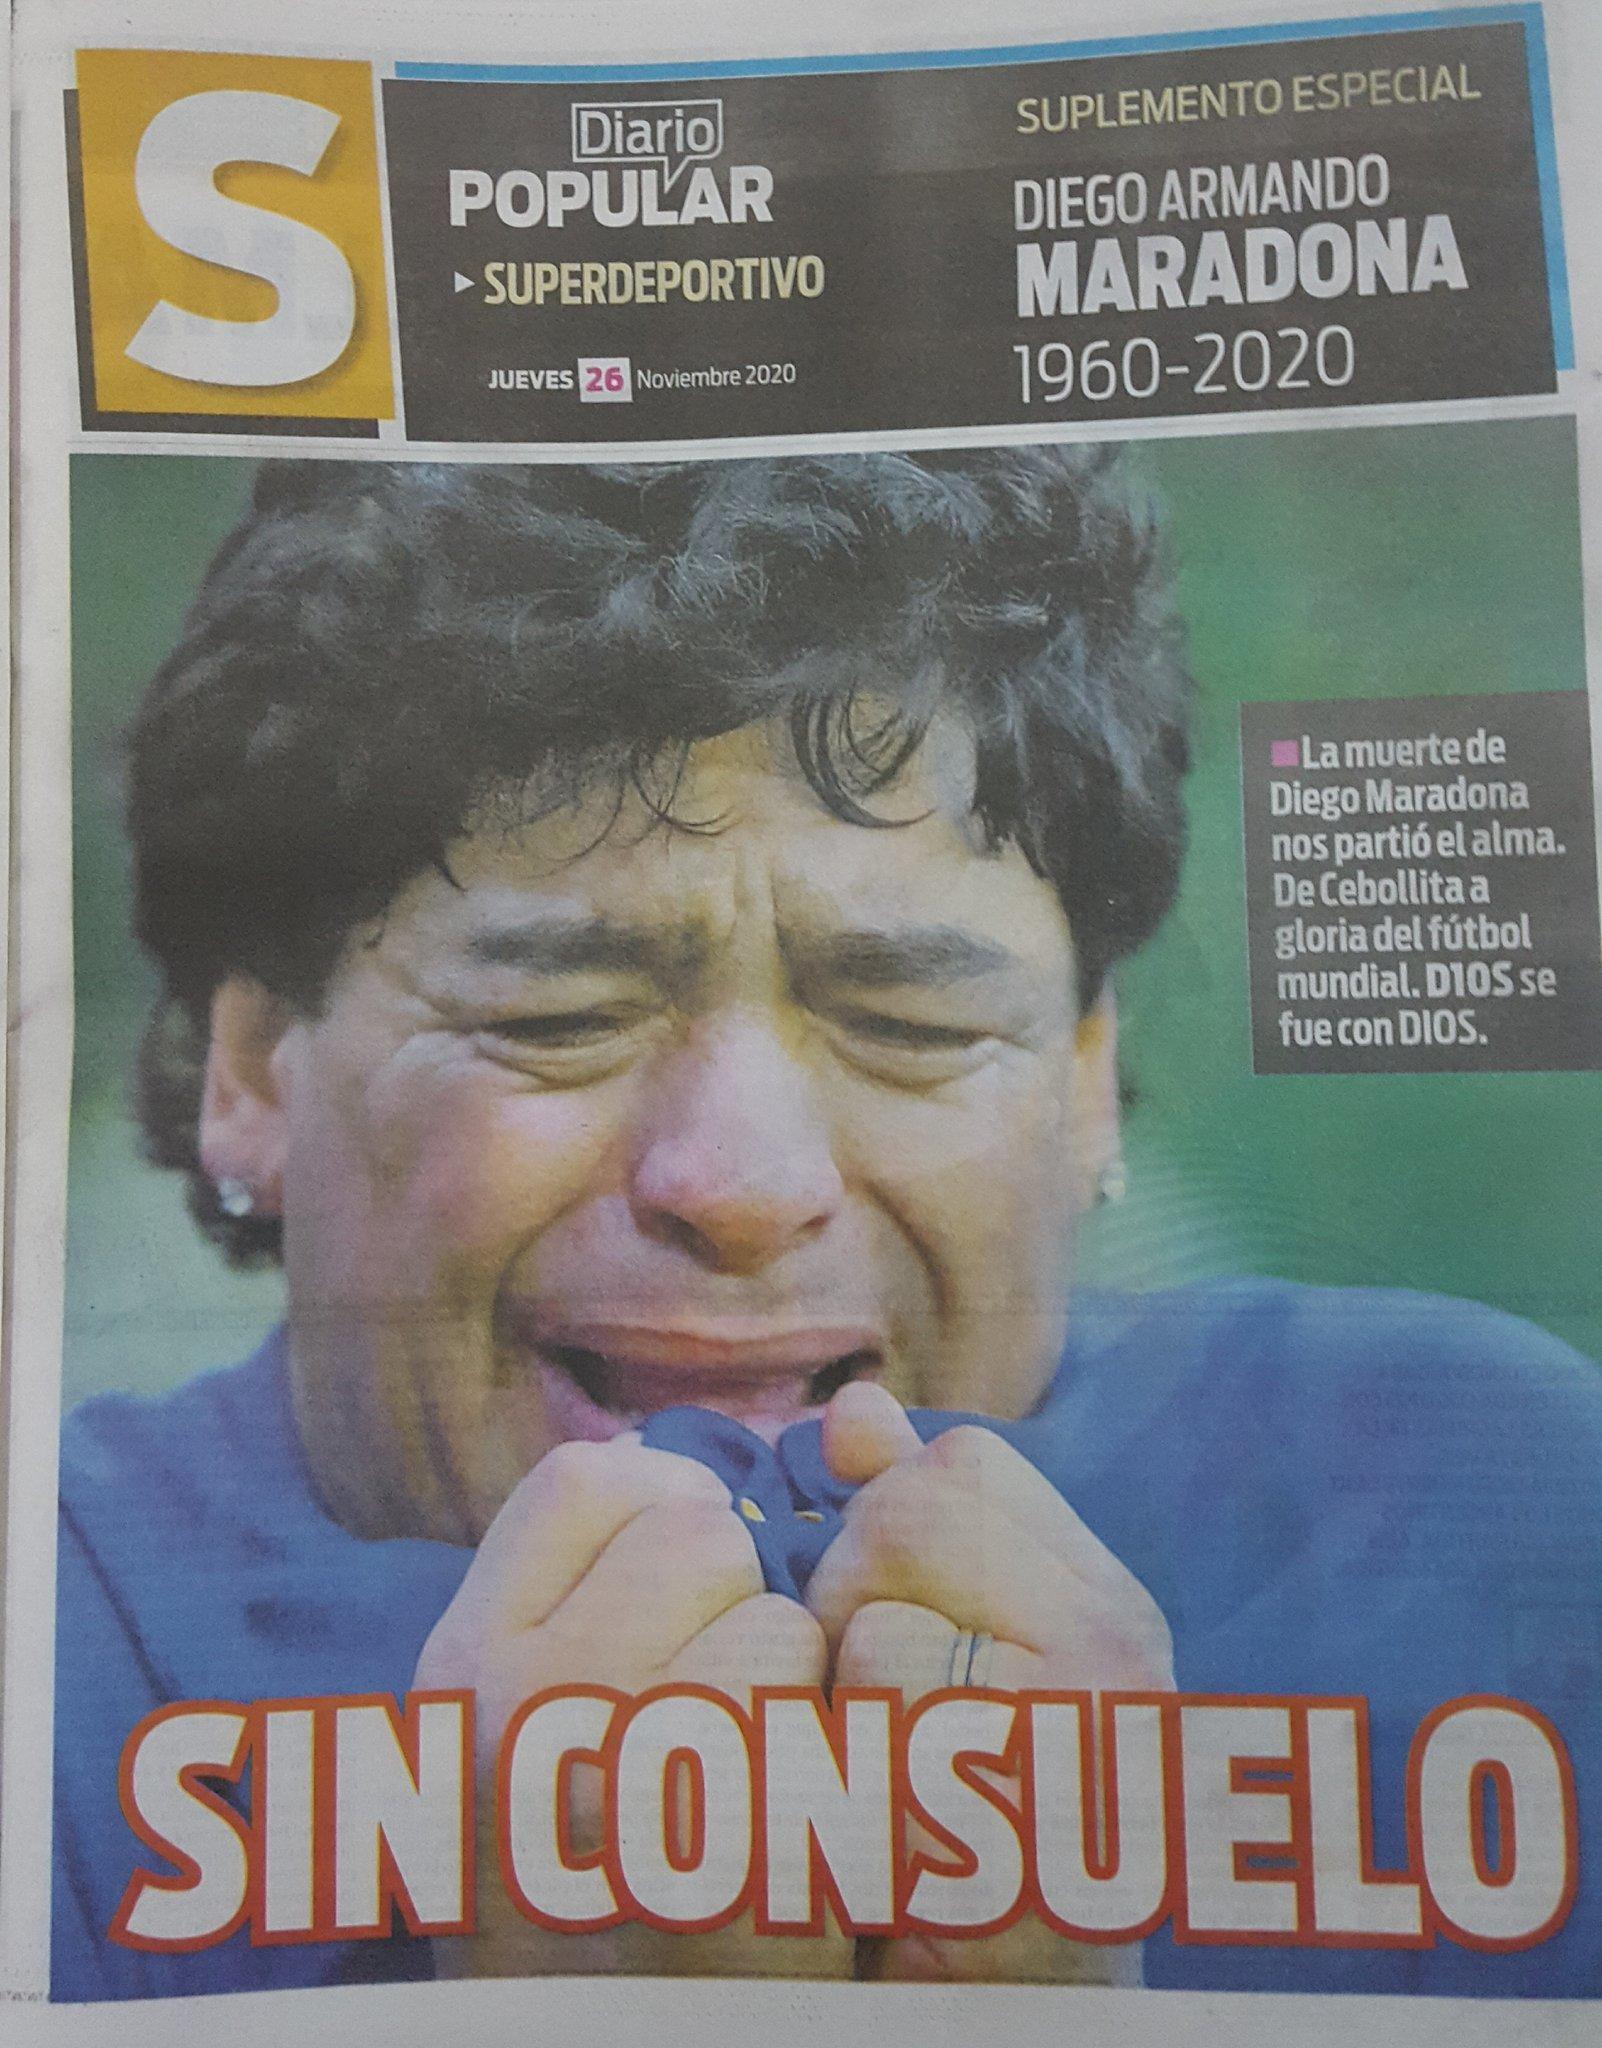 Fallece Diego Armando Maradona al sufrir un paro cardíaco  16063860618614